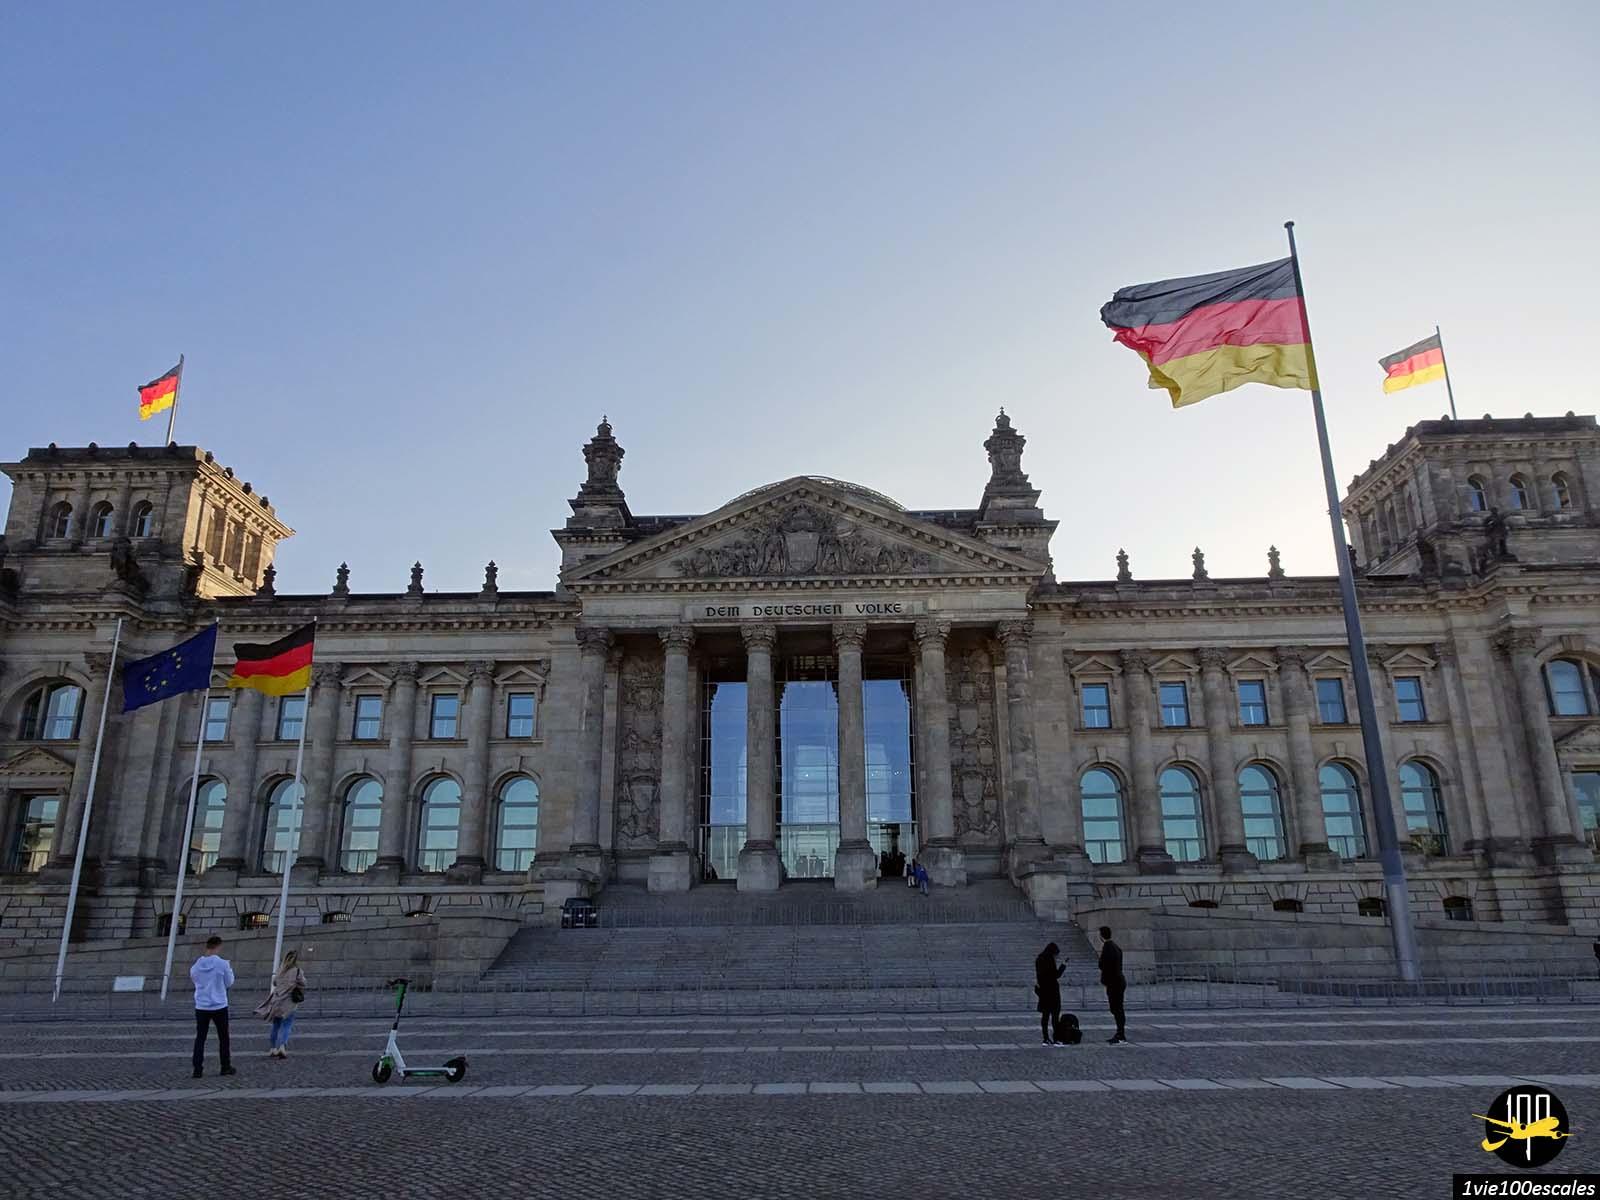 Le colossal Palais du Reichstag de Berlin avec ses drapeaux allemands